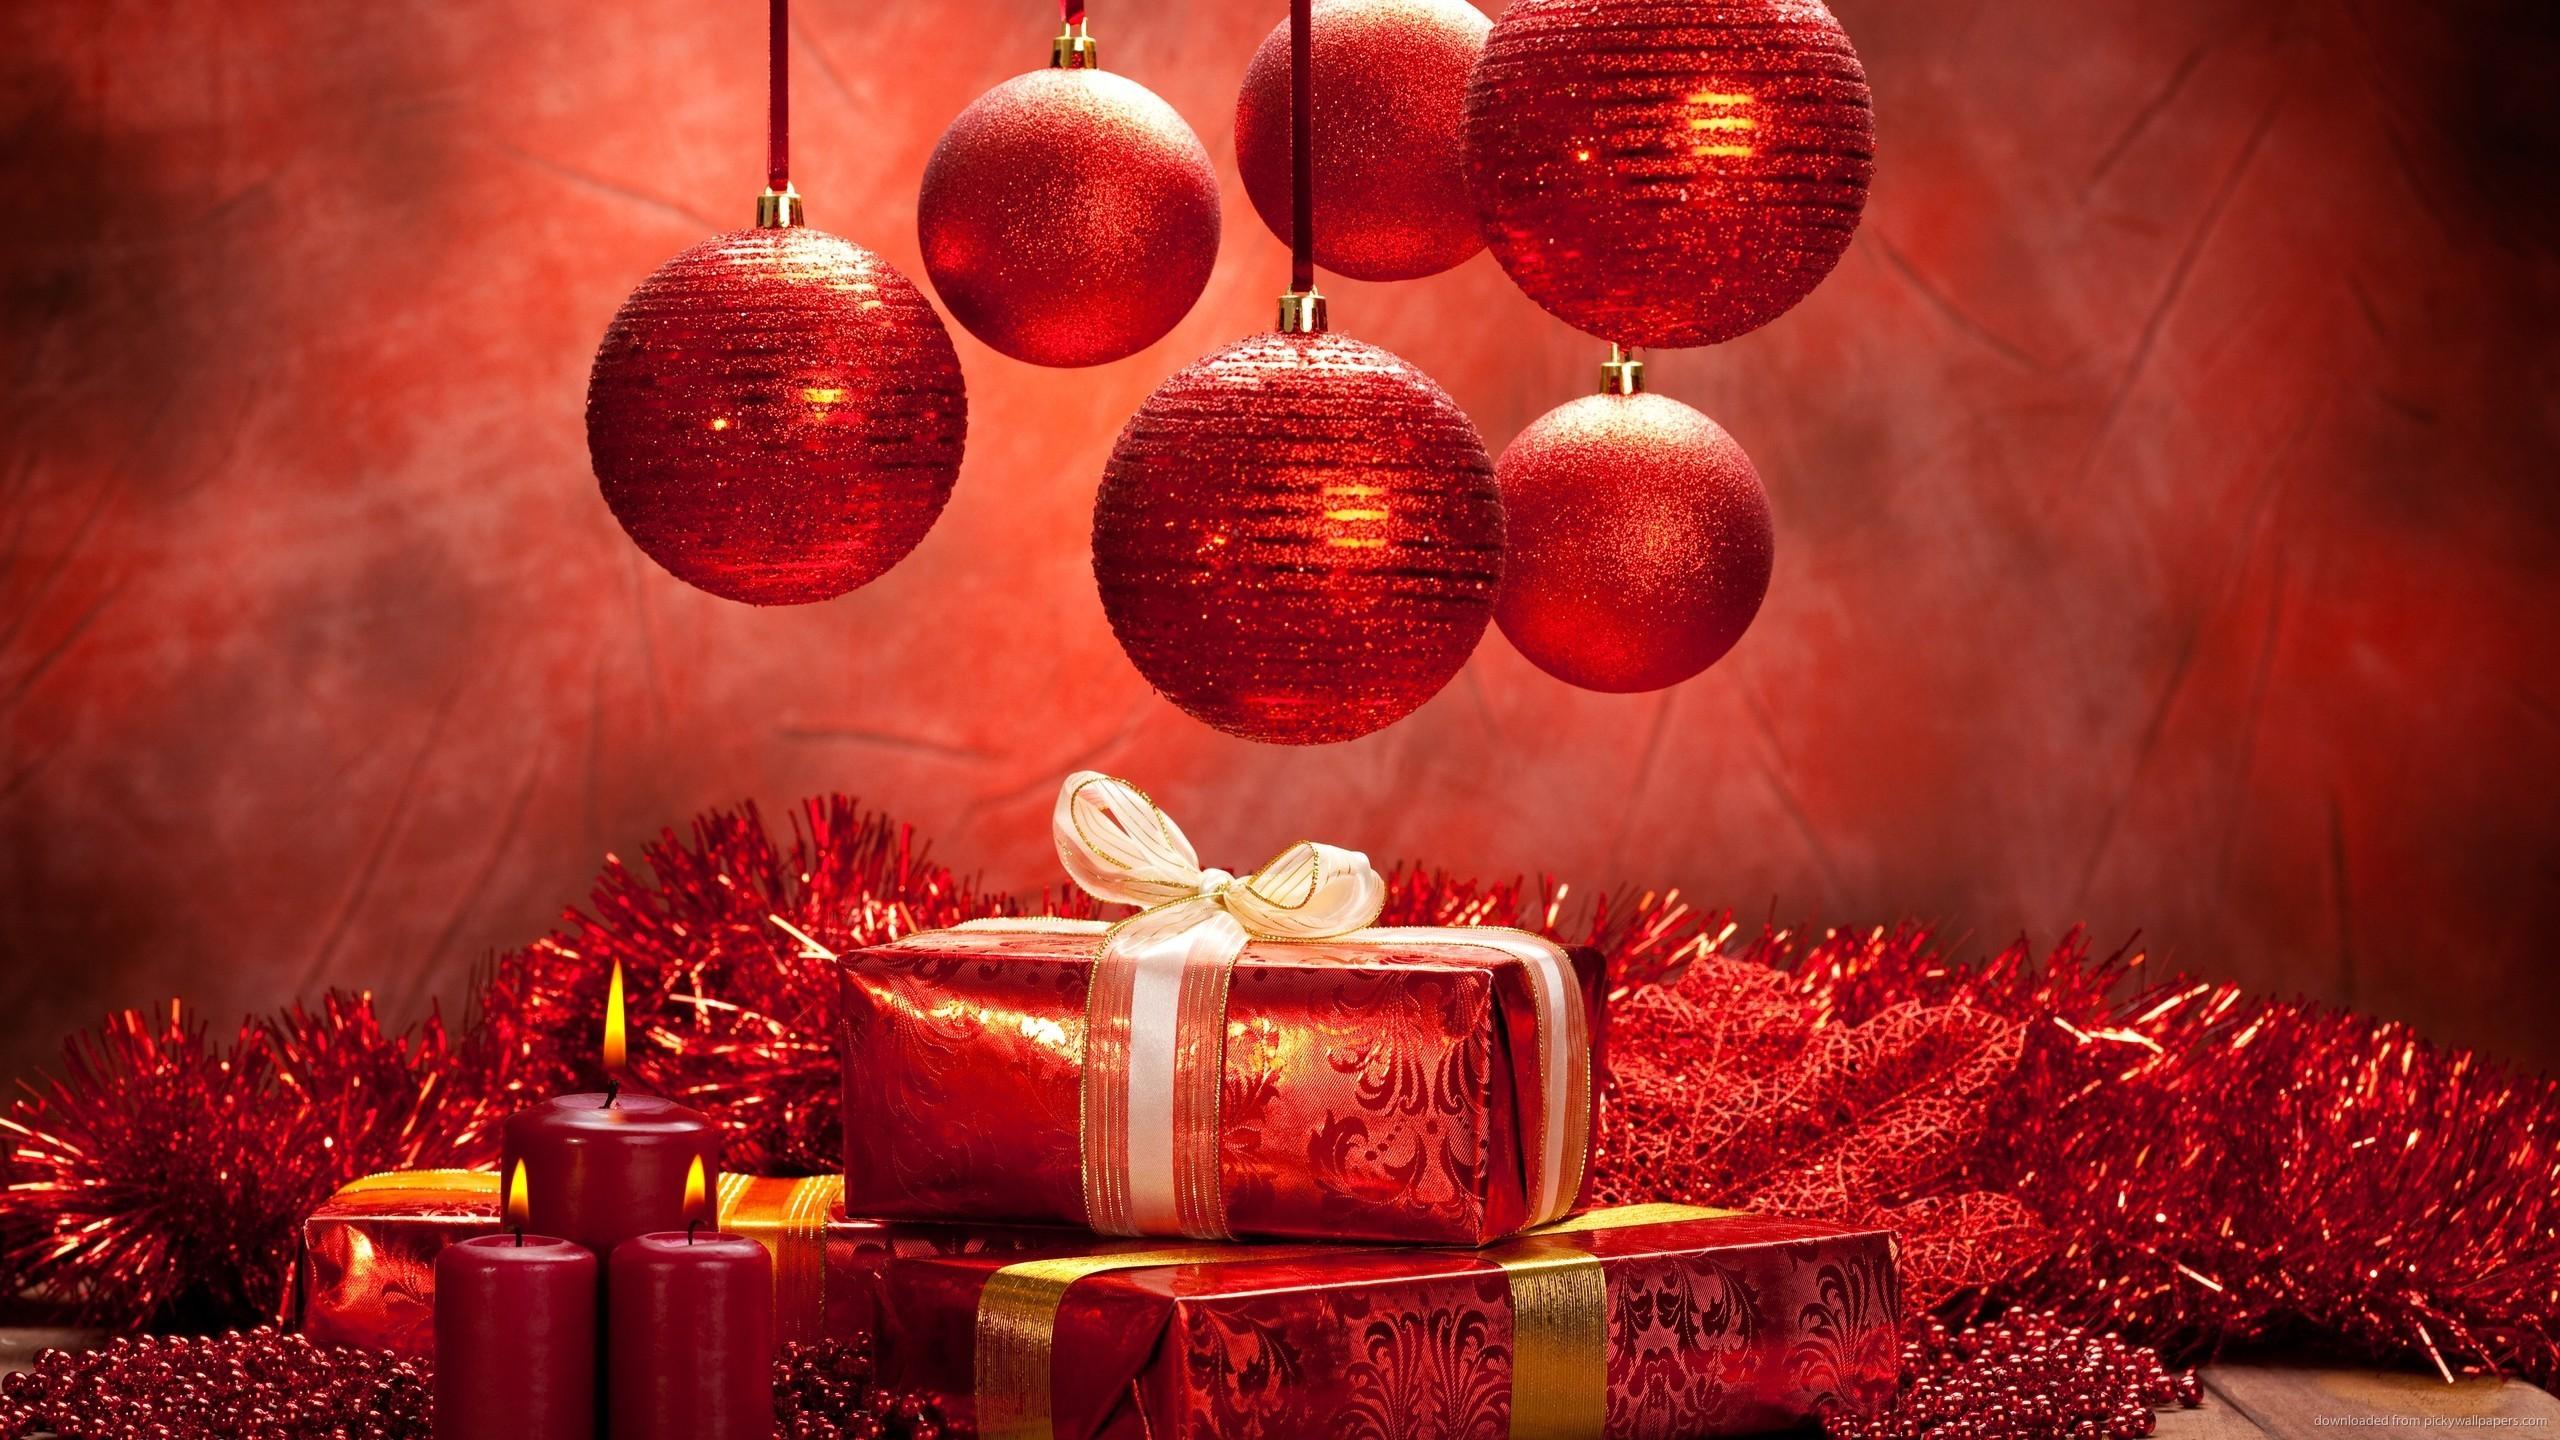 Christmas Gifts Wallpaper   Wallpaper High 2560x1440